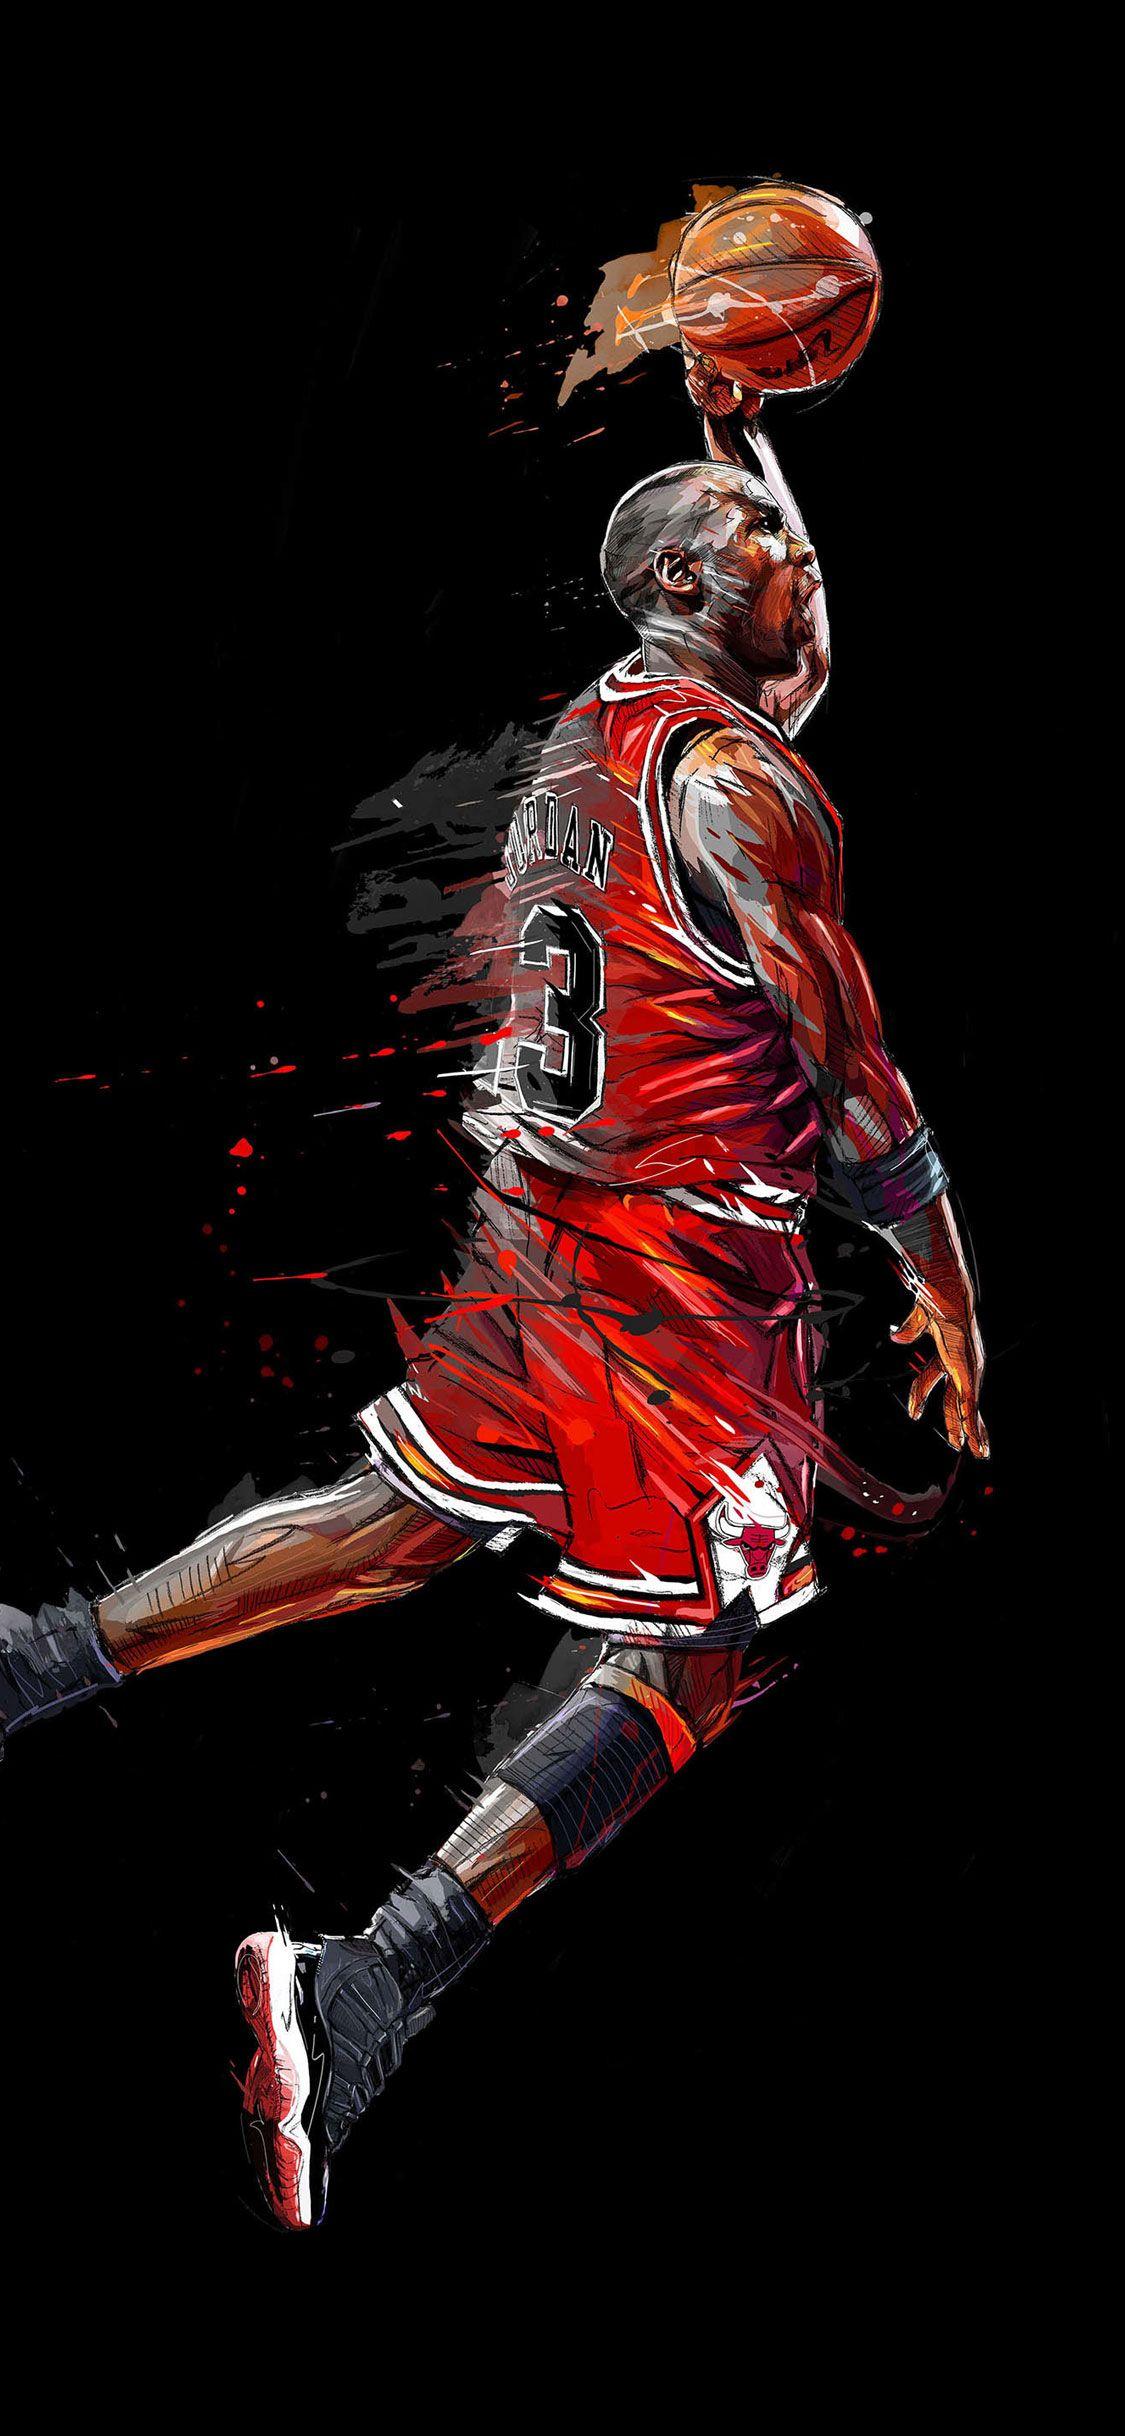 Épinglé par Hatem Zekri sur NBA | Art michael jordan, Fond ...